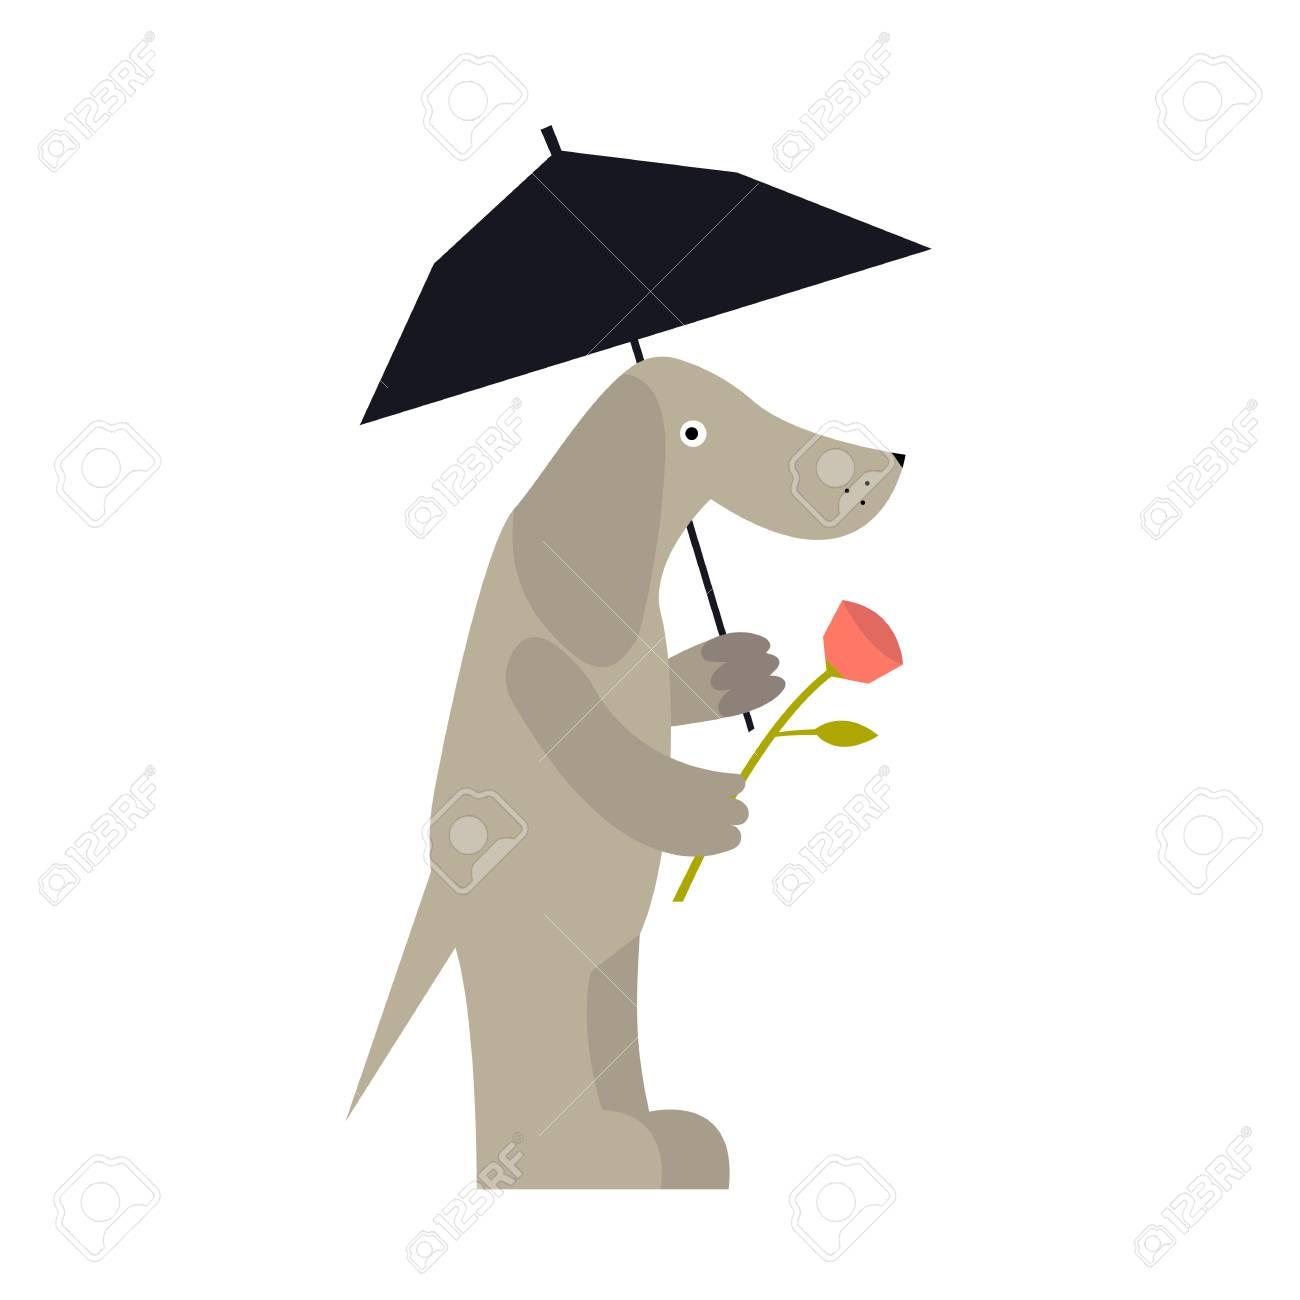 傘とローズの恋人を待っているかわいい犬漫画の背景に分離された犬の